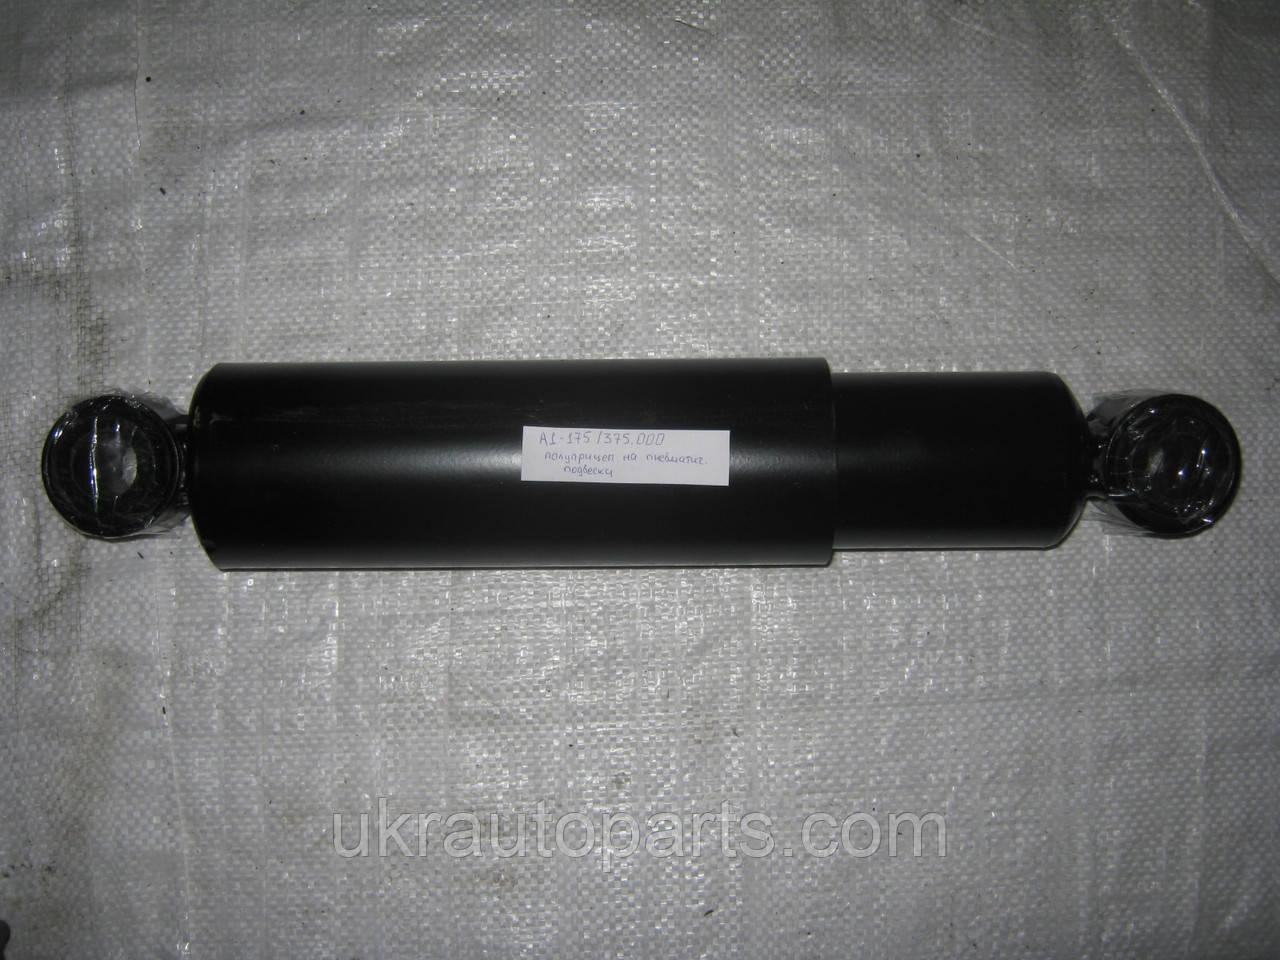 Амортизатор МАЗ BPW SAF полуприцепа на пневматической подвески 175мм/375мм (ТС) (А1-175/375.000)